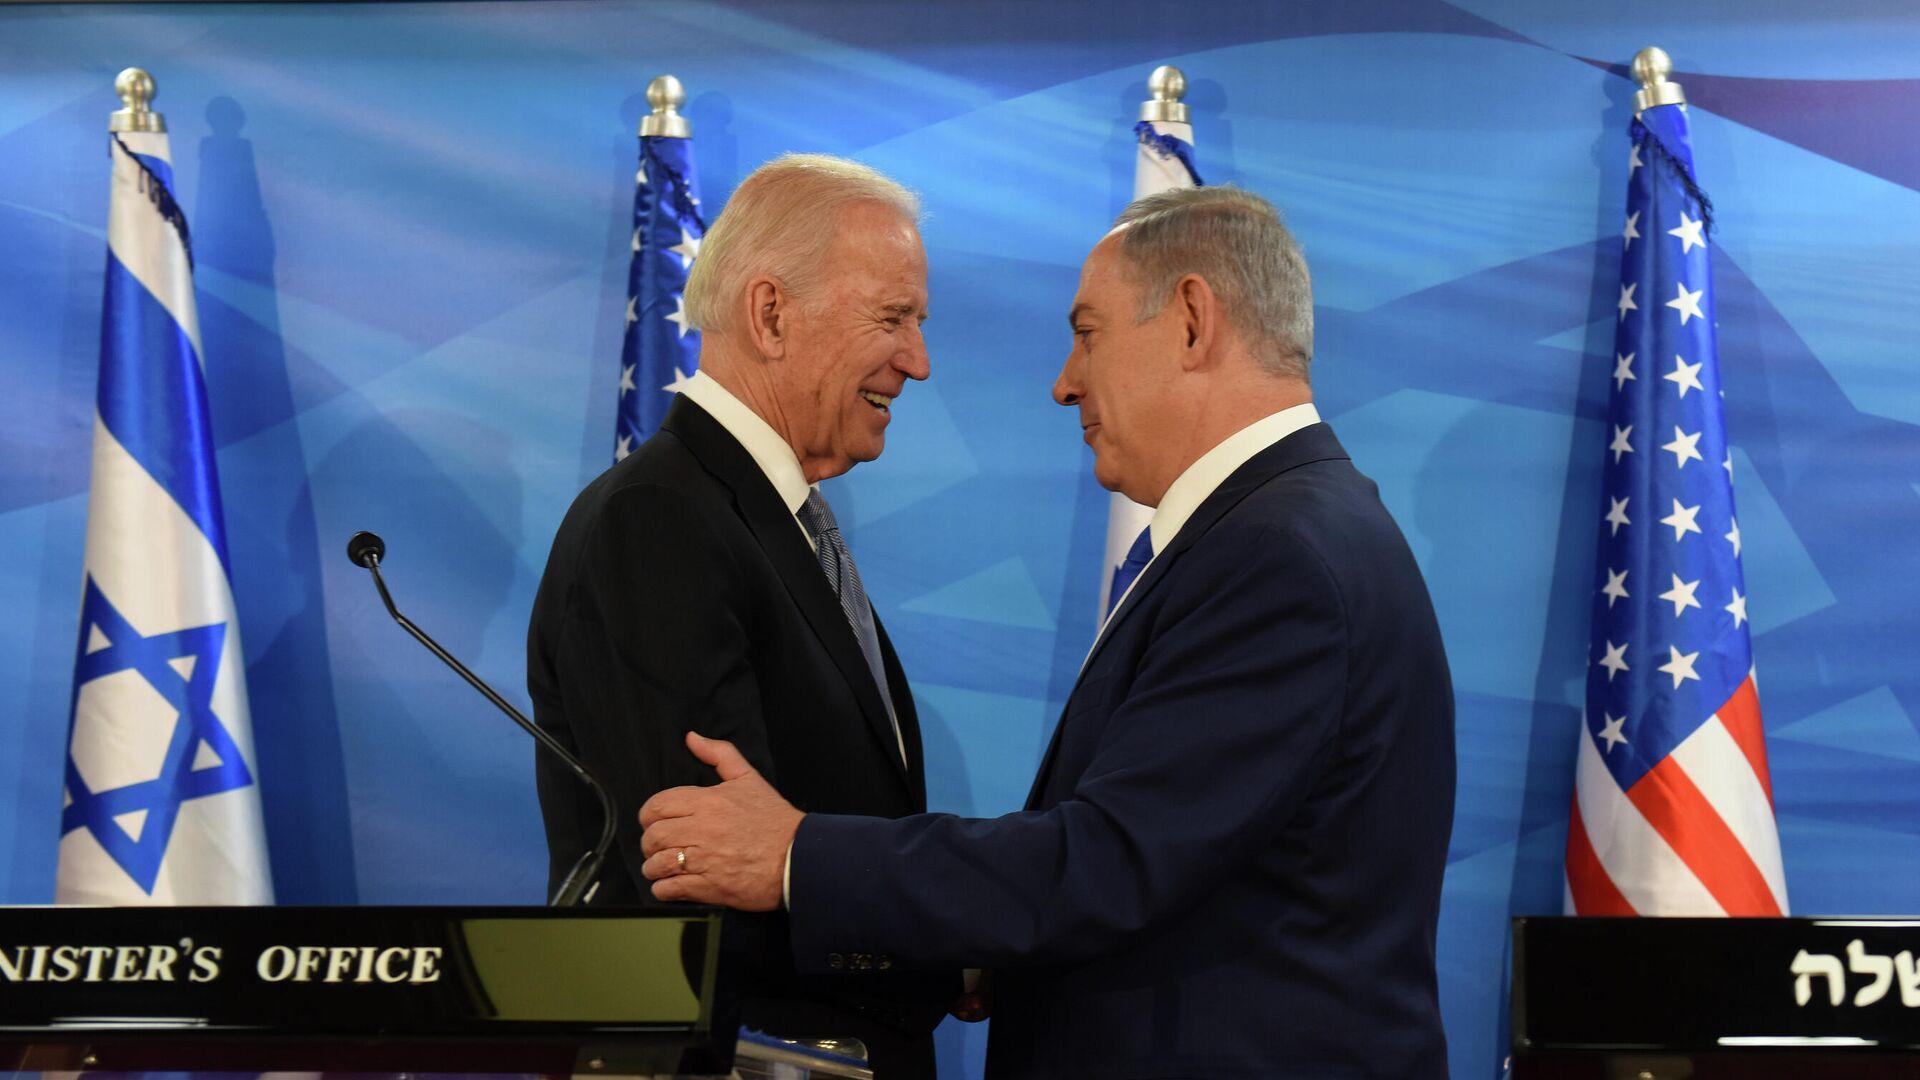 US-Vizepräsident Joe Biden und der israelische Premierminister Benjamin Netanyahu geben sich am 9. März 2016 im Büro des Premierministers in Jerusalem die Hand, während sie gemeinsame Erklärungen abgeben Besuch.  - SNA, 1920, 22.01.2021